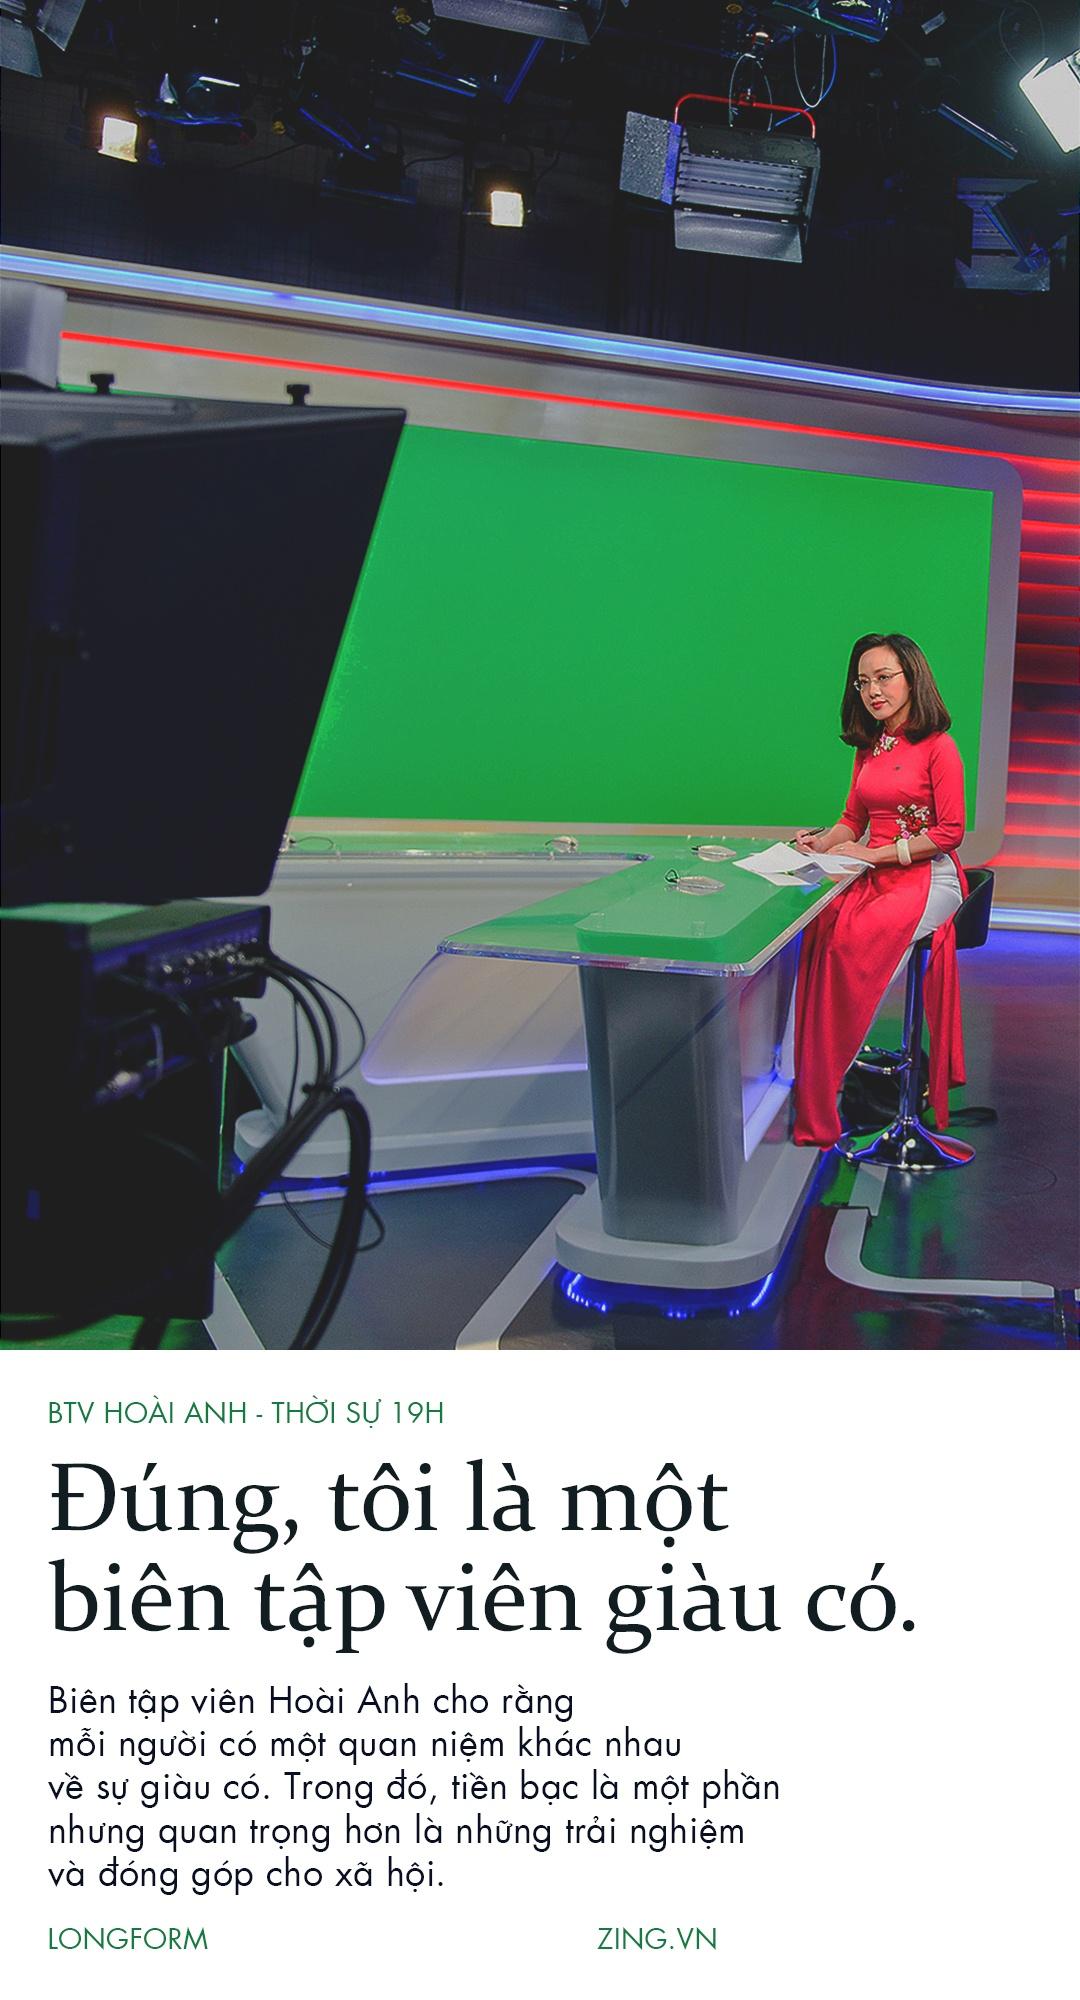 Hoai Anh cua Thoi su VTV: 'Dung, toi la mot bien tap vien giau co' hinh anh 1